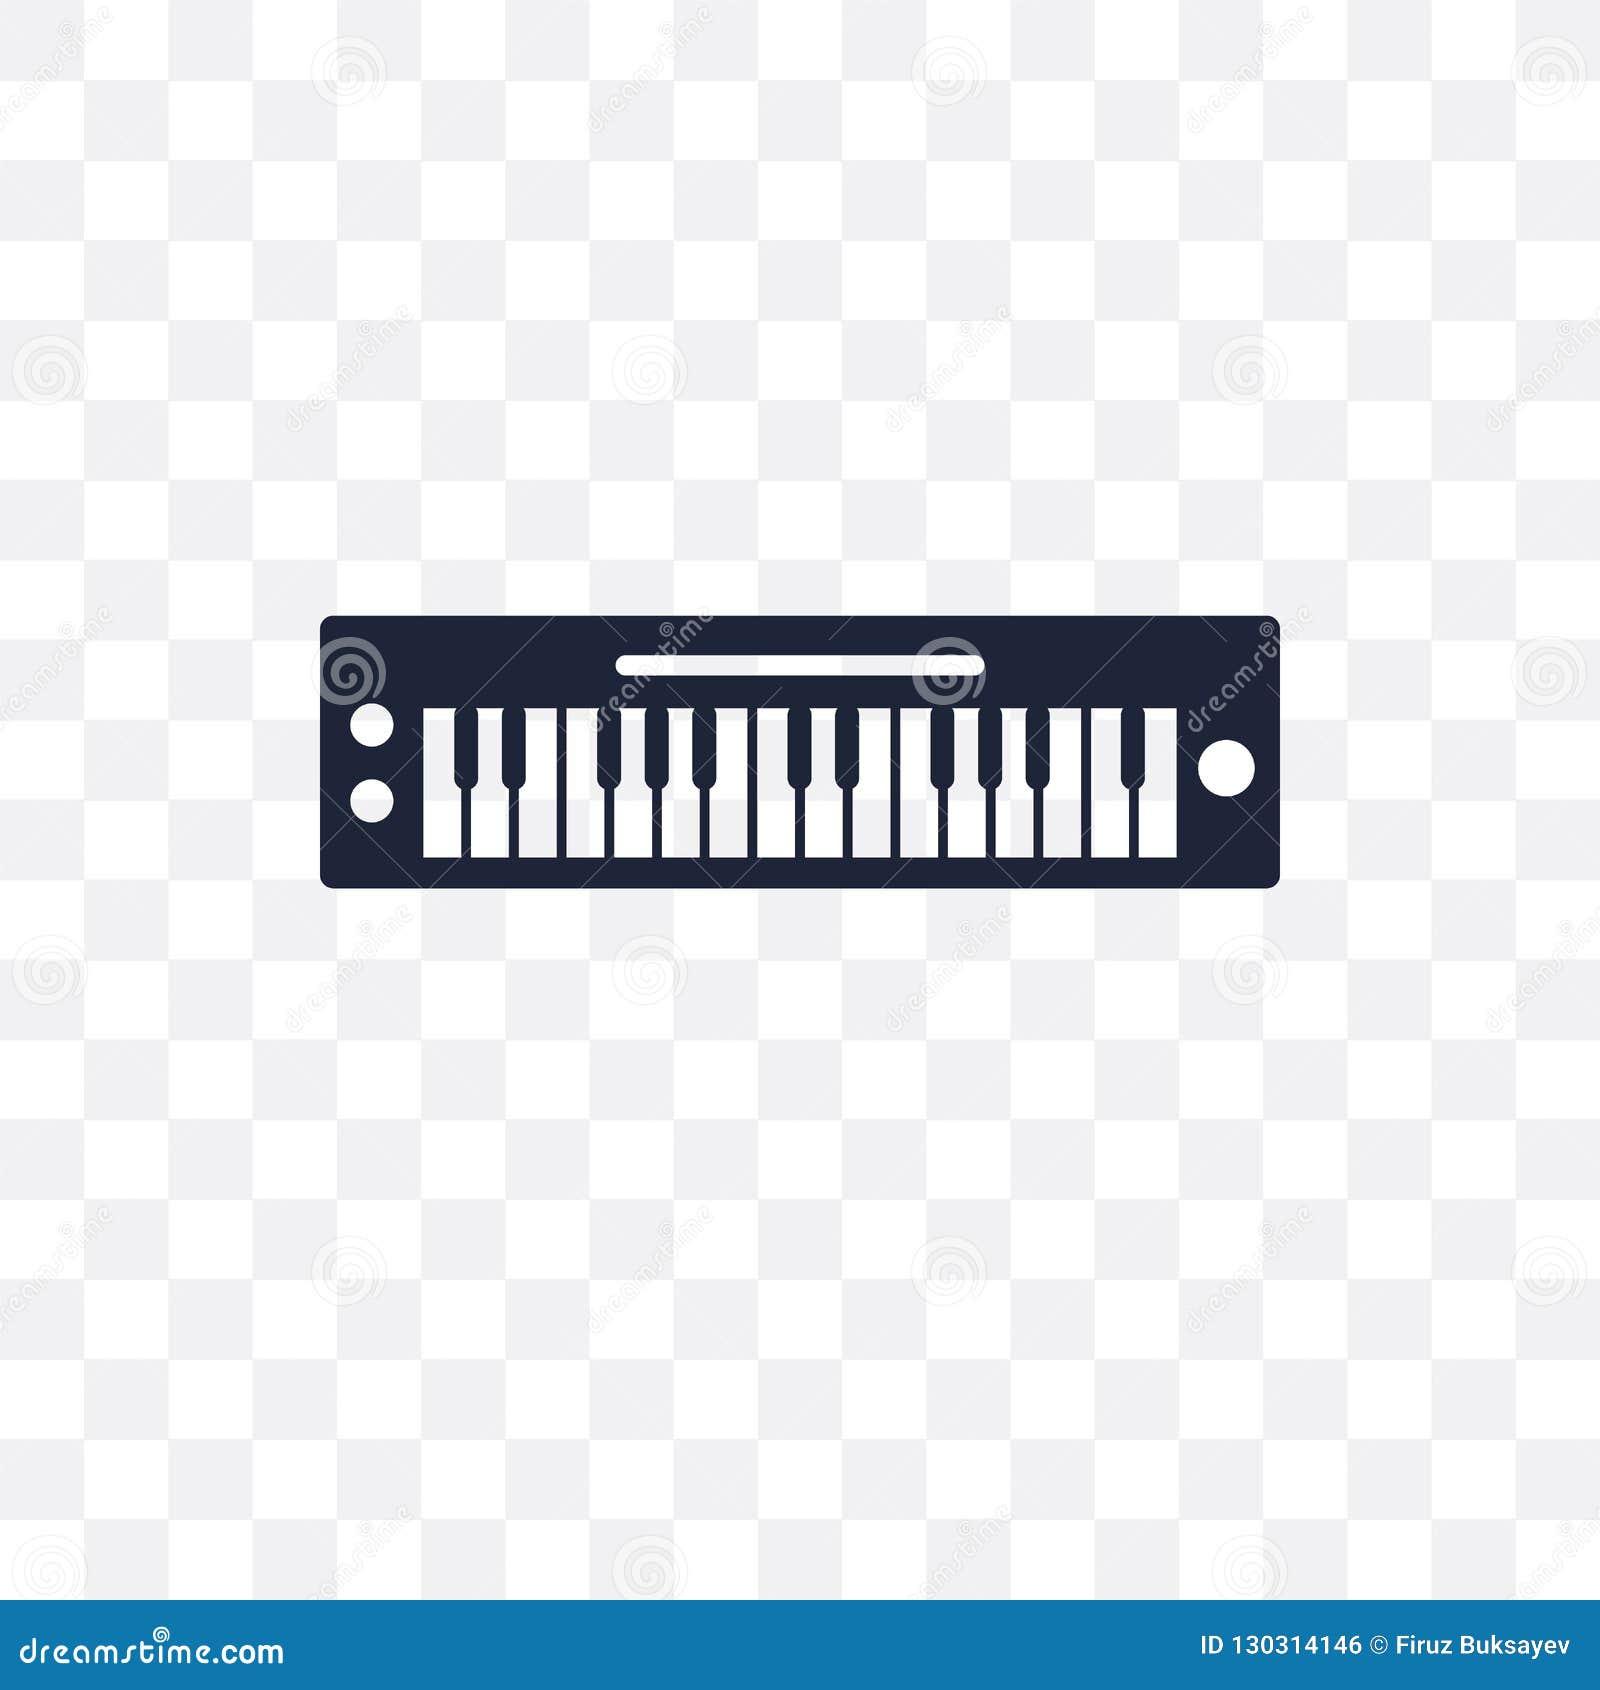 ícone Transparente Do Teclado Da Música Projeto Franco Do Símbolo Do